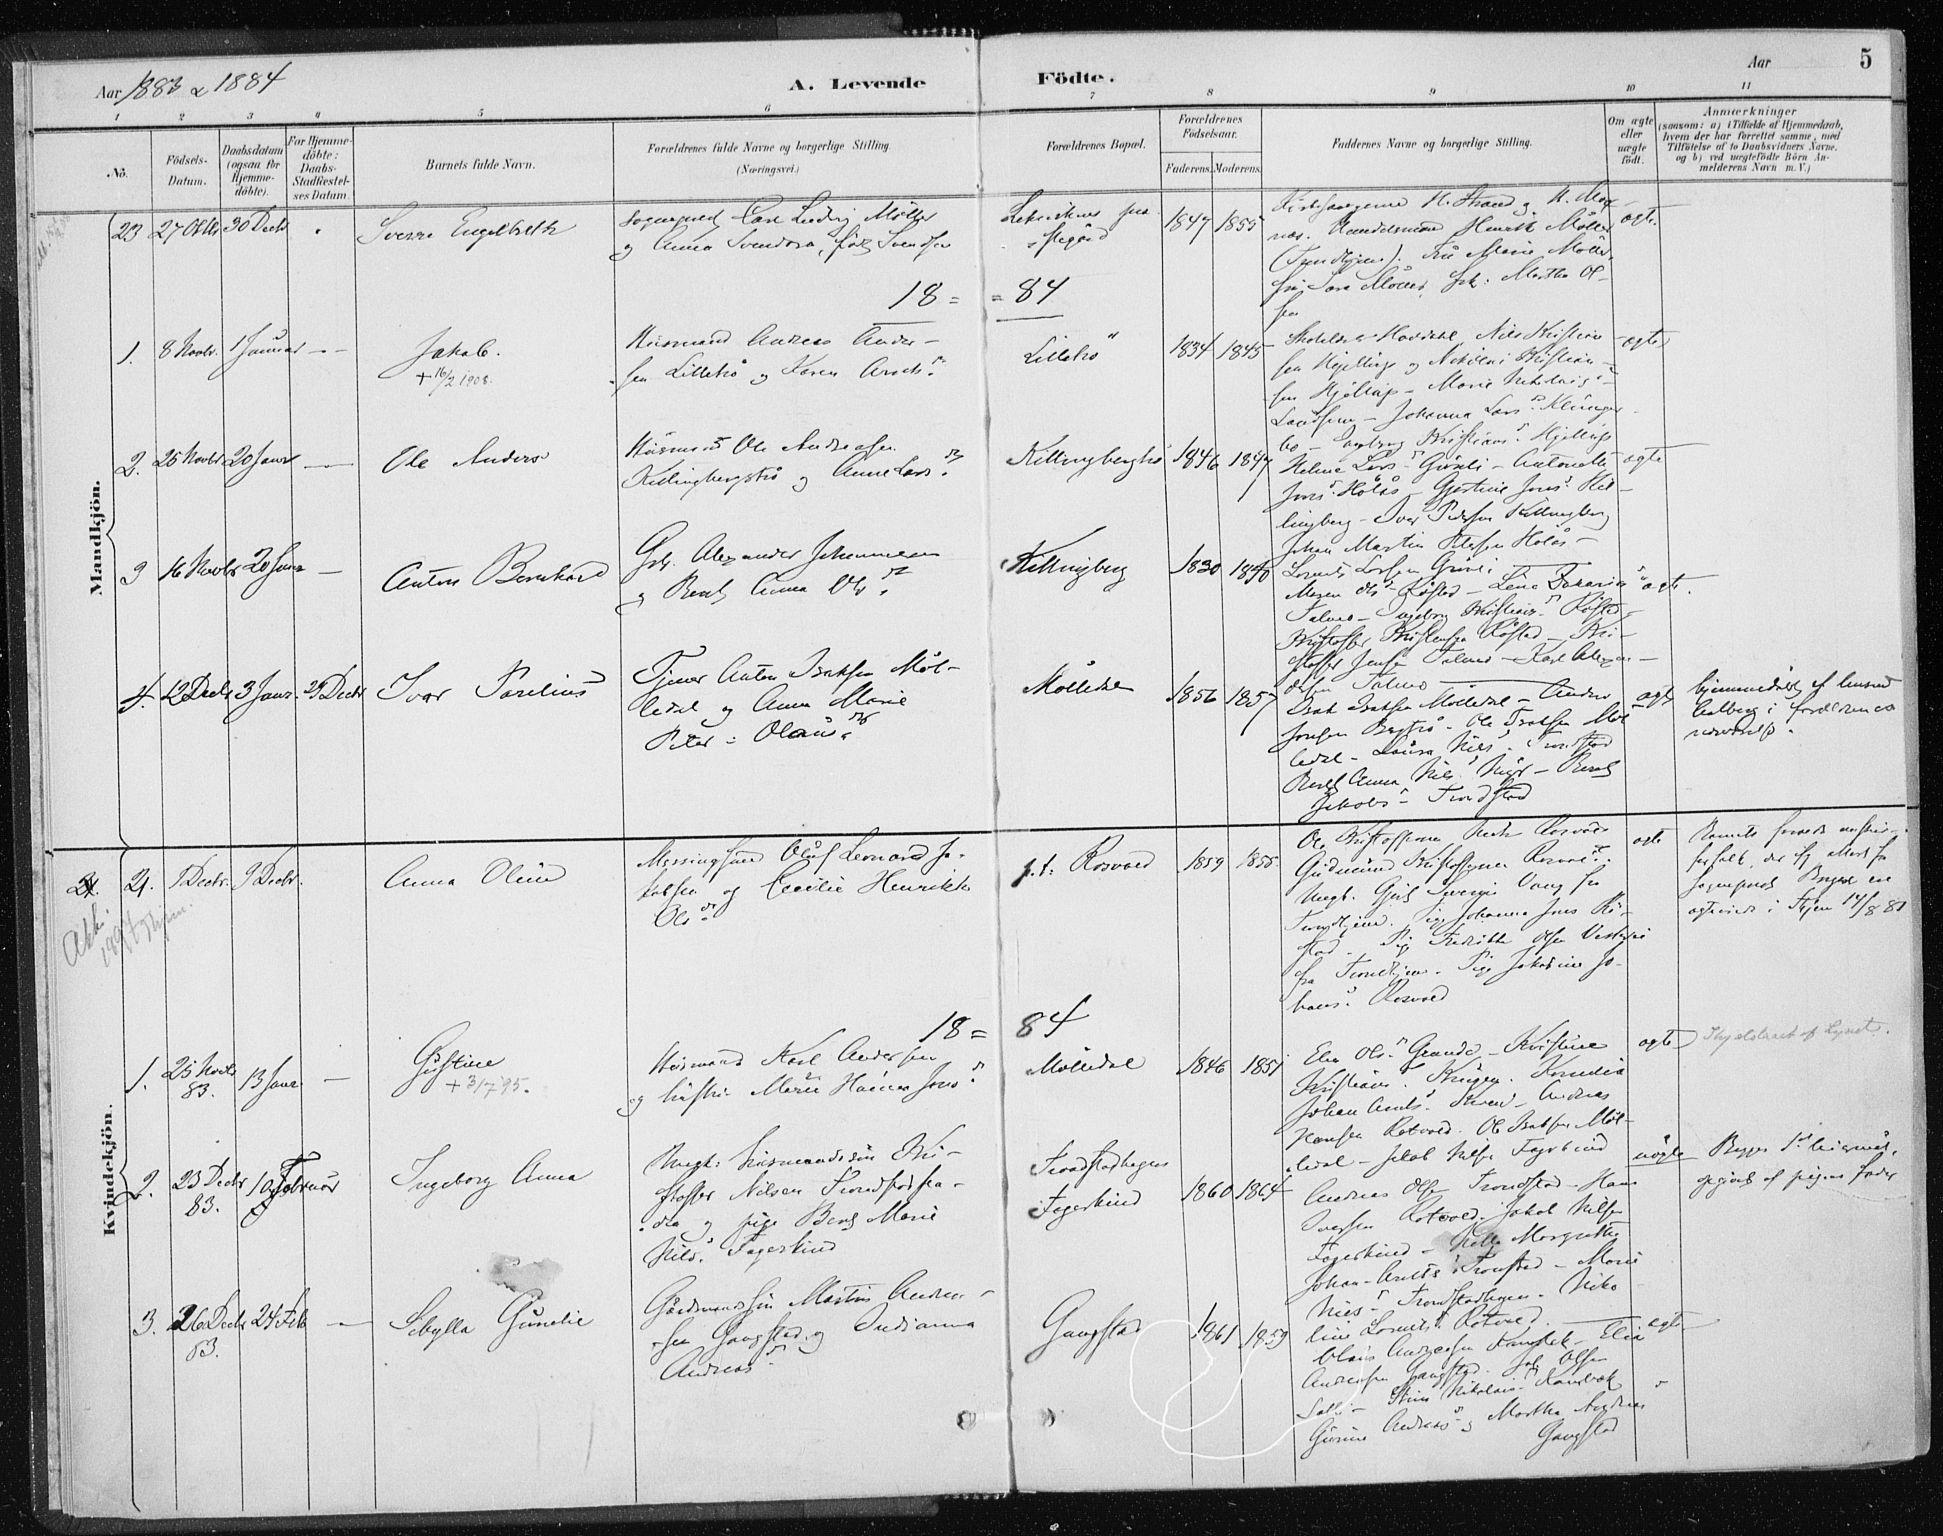 SAT, Ministerialprotokoller, klokkerbøker og fødselsregistre - Nord-Trøndelag, 701/L0010: Ministerialbok nr. 701A10, 1883-1899, s. 5